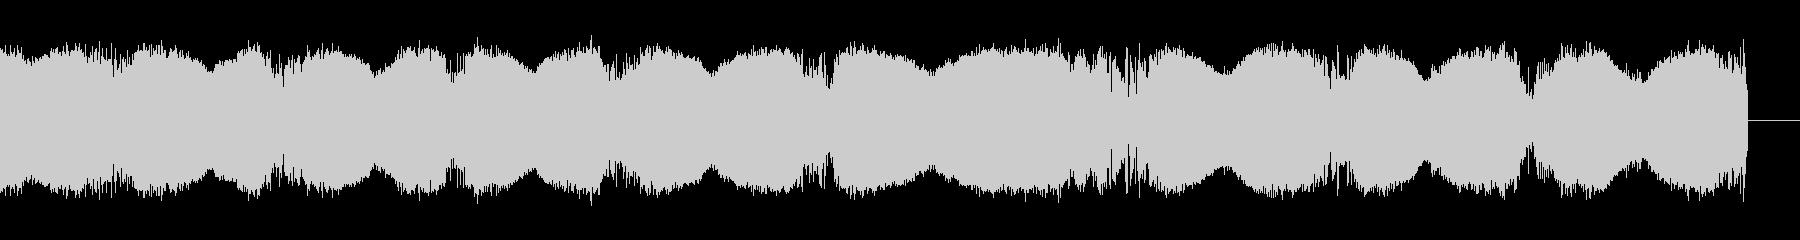 静的;サイクリングラスピートーンの...の未再生の波形